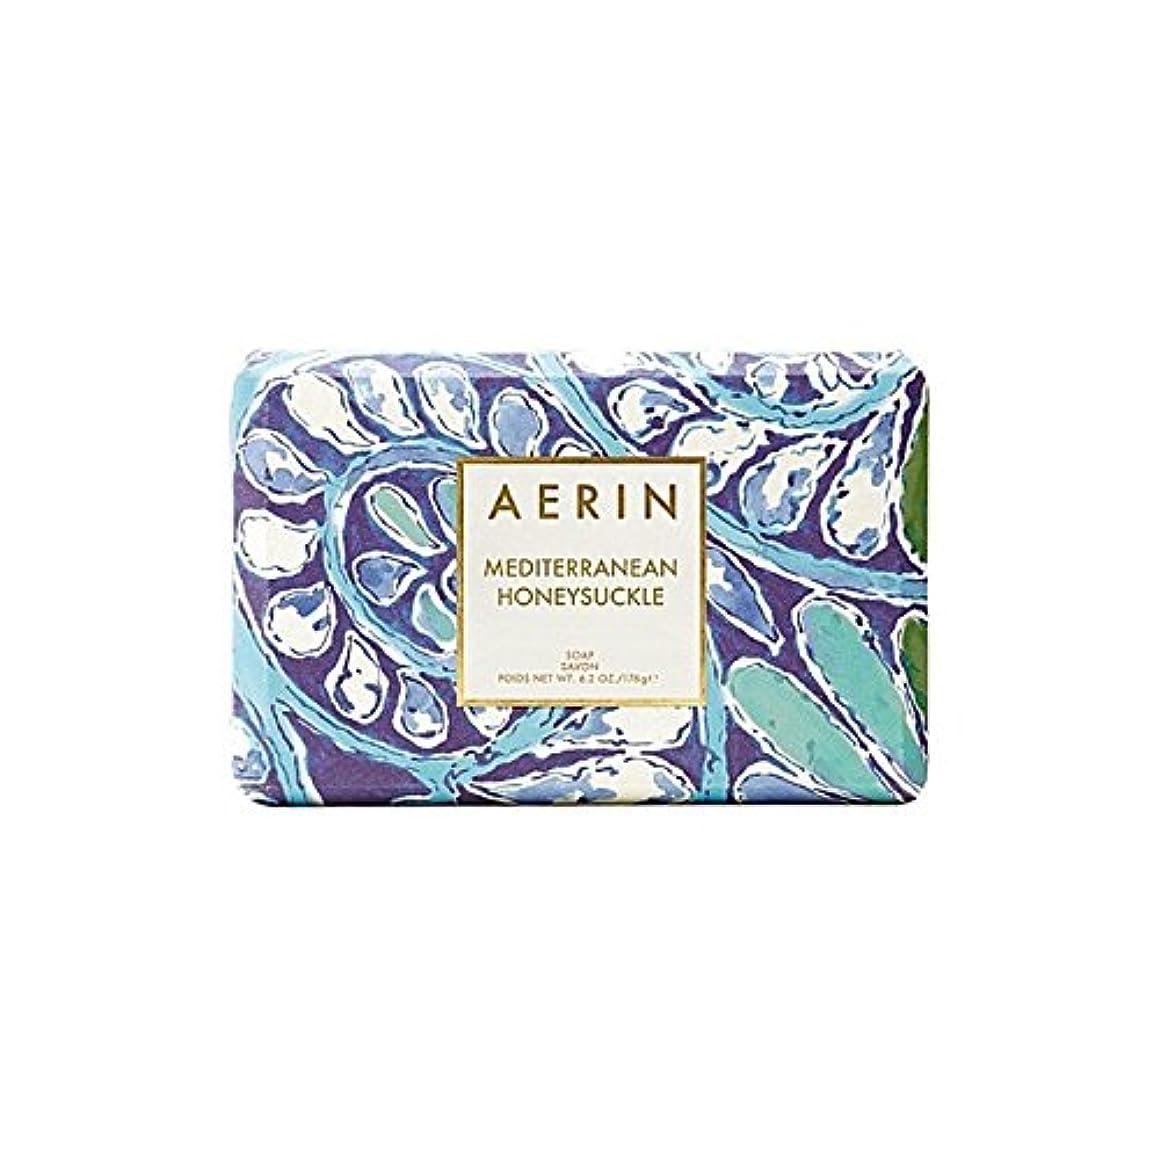 抹消食欲疑わしいAerin Mediterrenean Honeysuckle Bar Soap 176G - スイカズラ固形石鹸176グラム [並行輸入品]